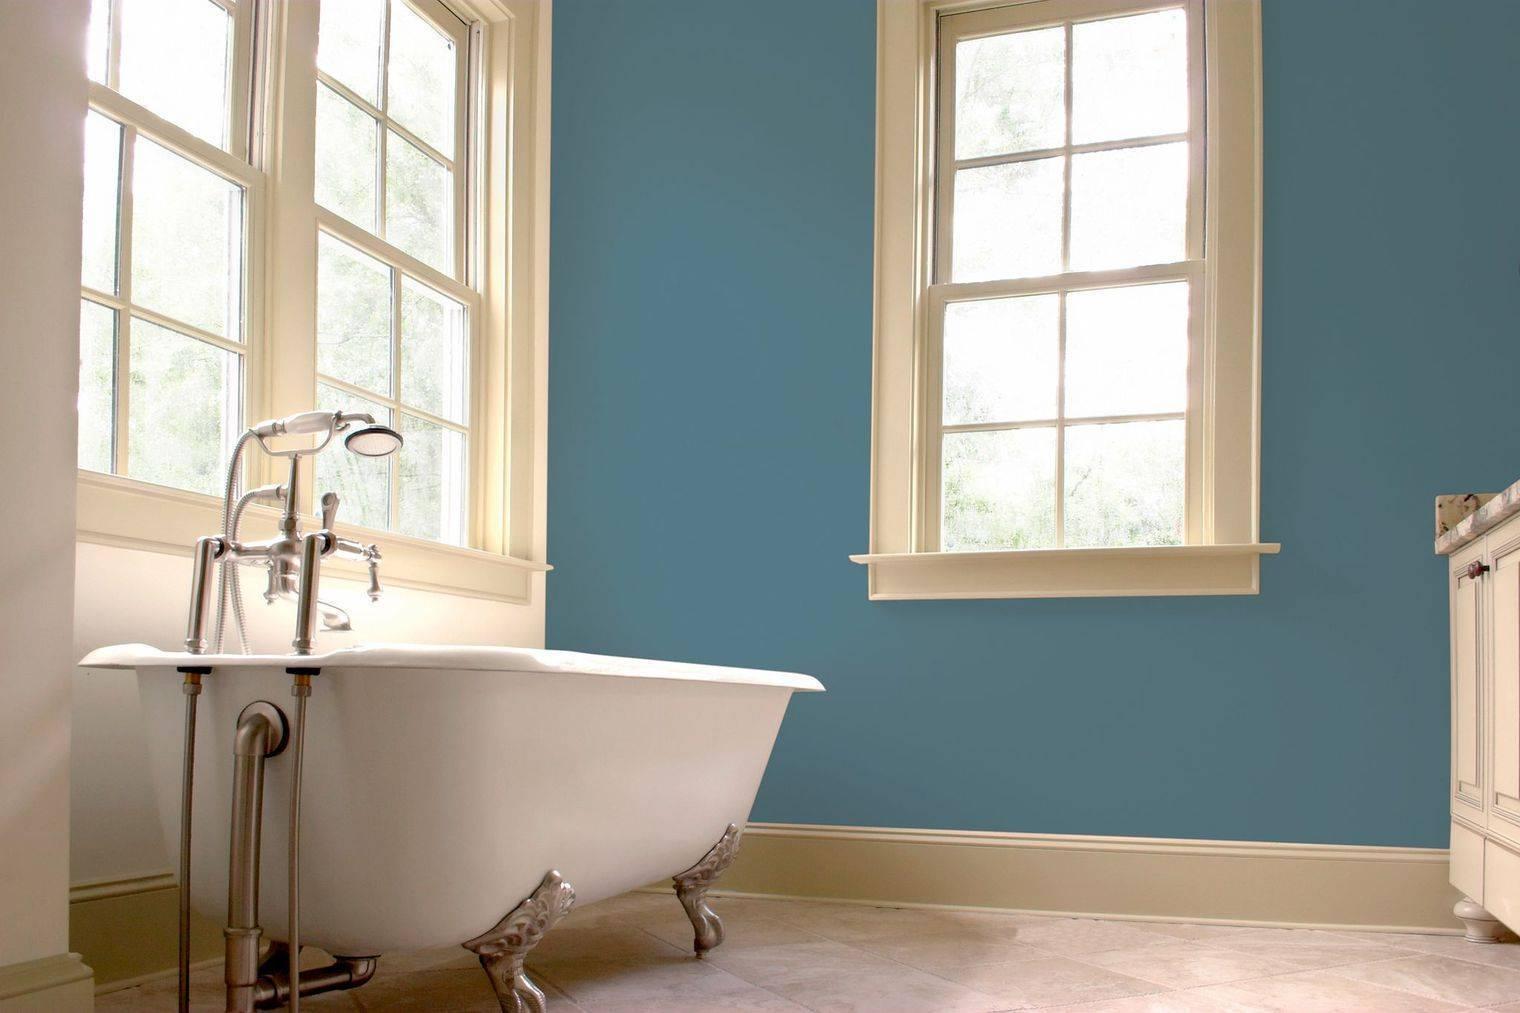 Что делать с потолком в ванной: побелить или покрасить?